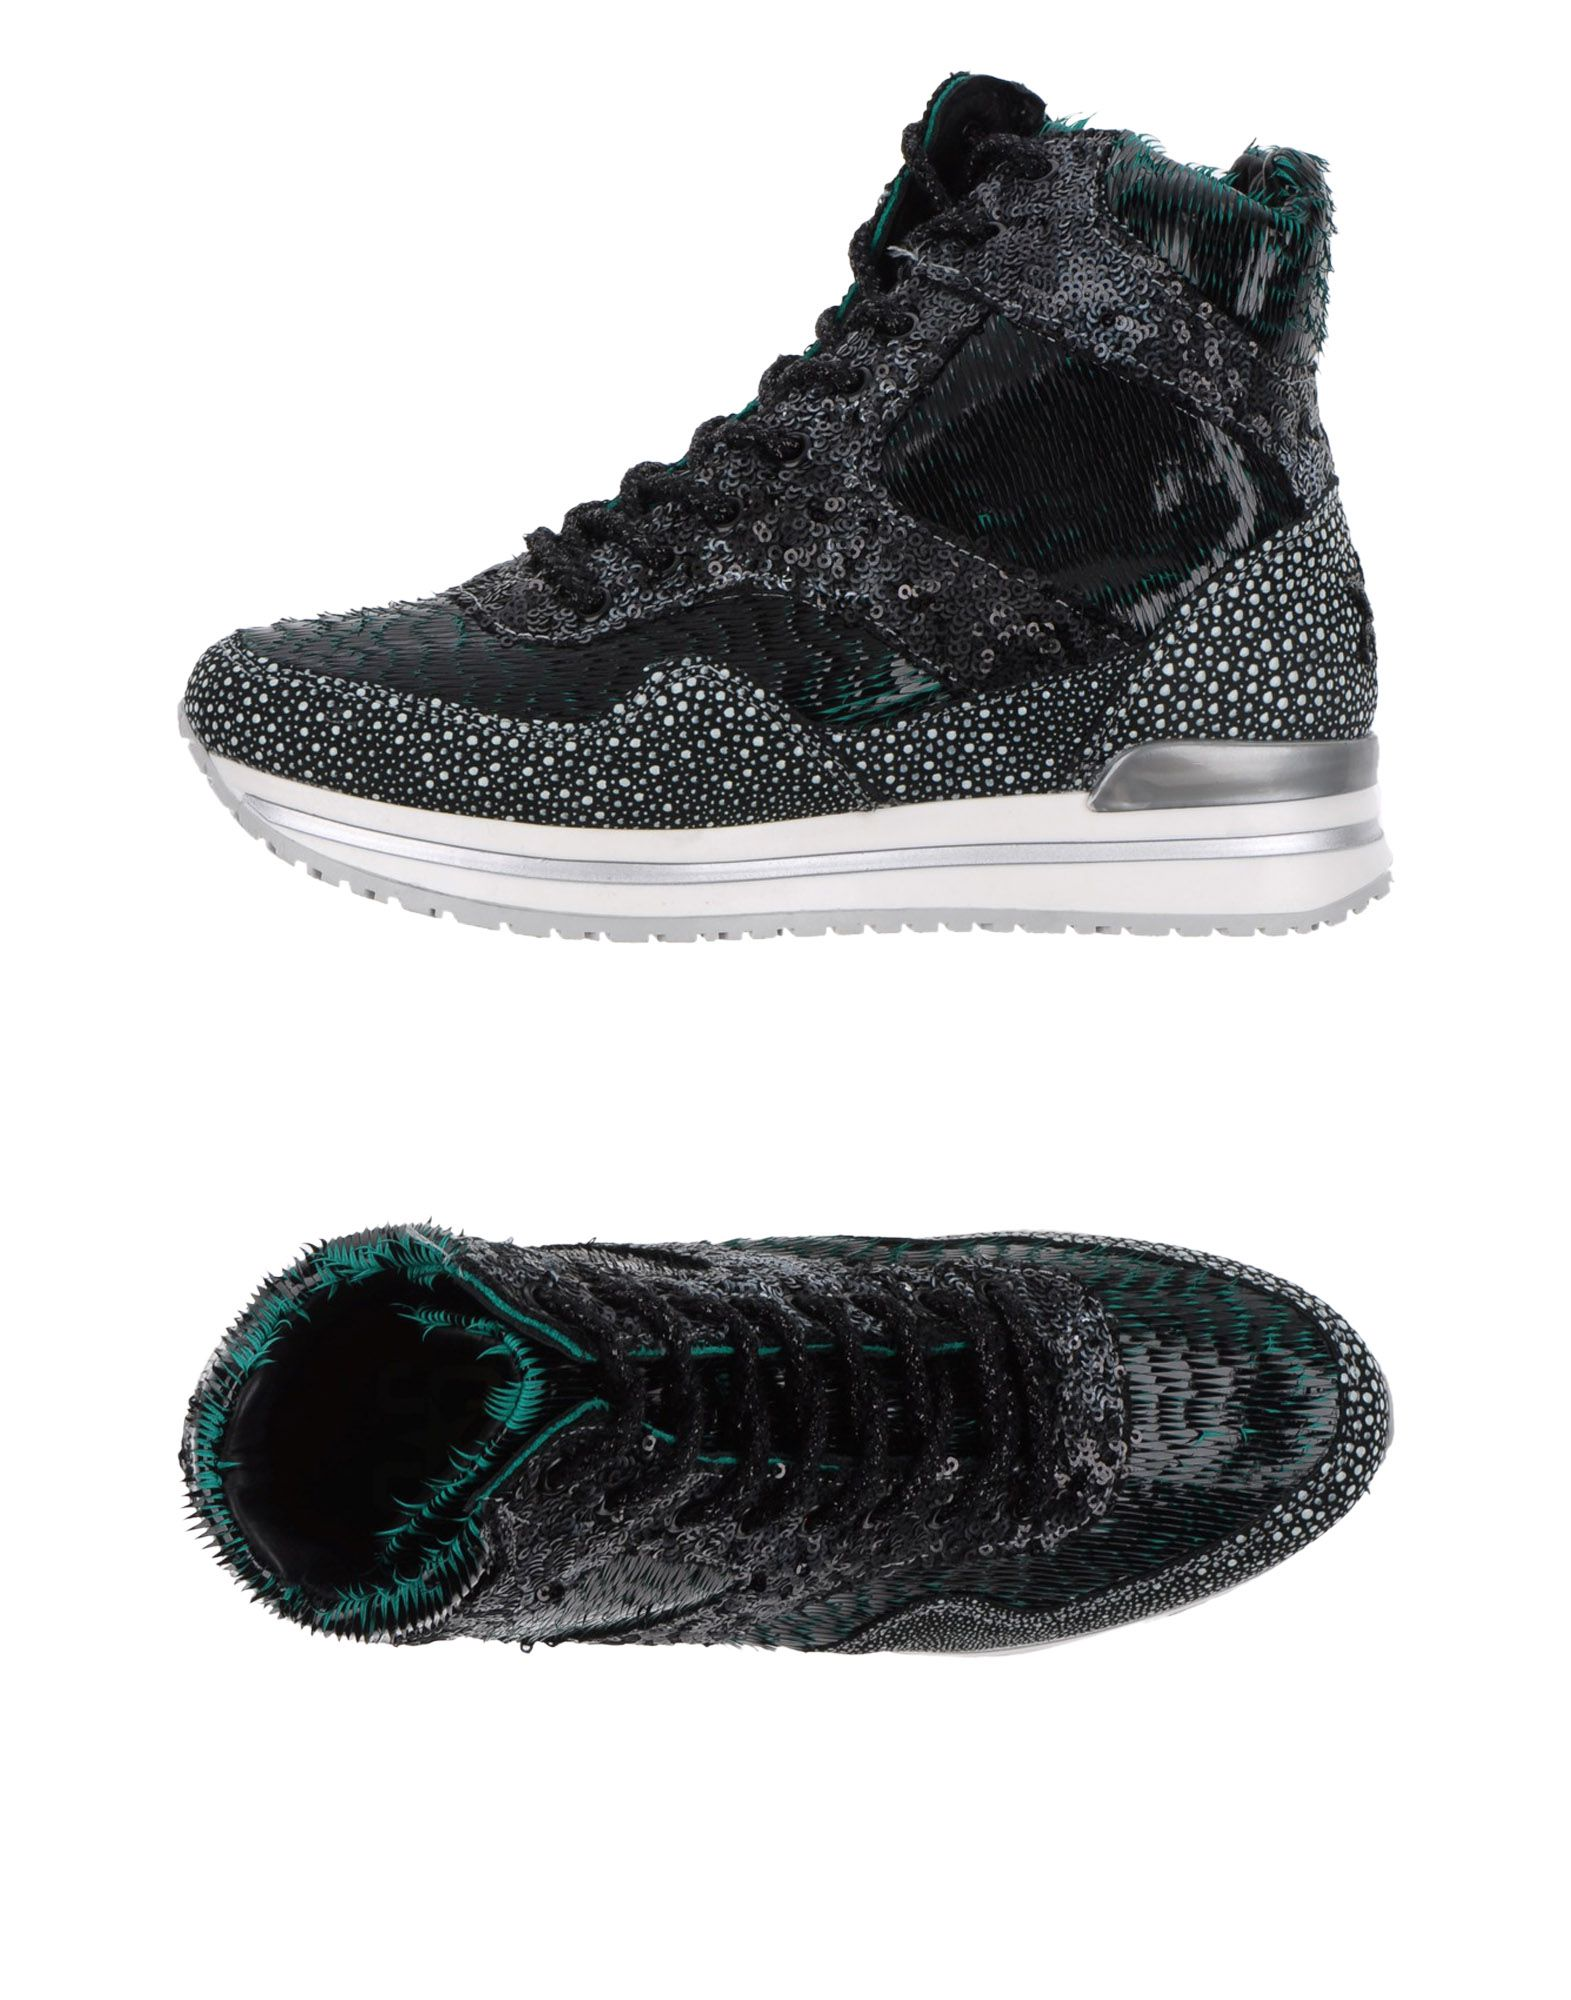 7cfa00f271b3 2Star Sneakers - Women Women Women 2Star Sneakers online on Canada -  11337200SE 861699